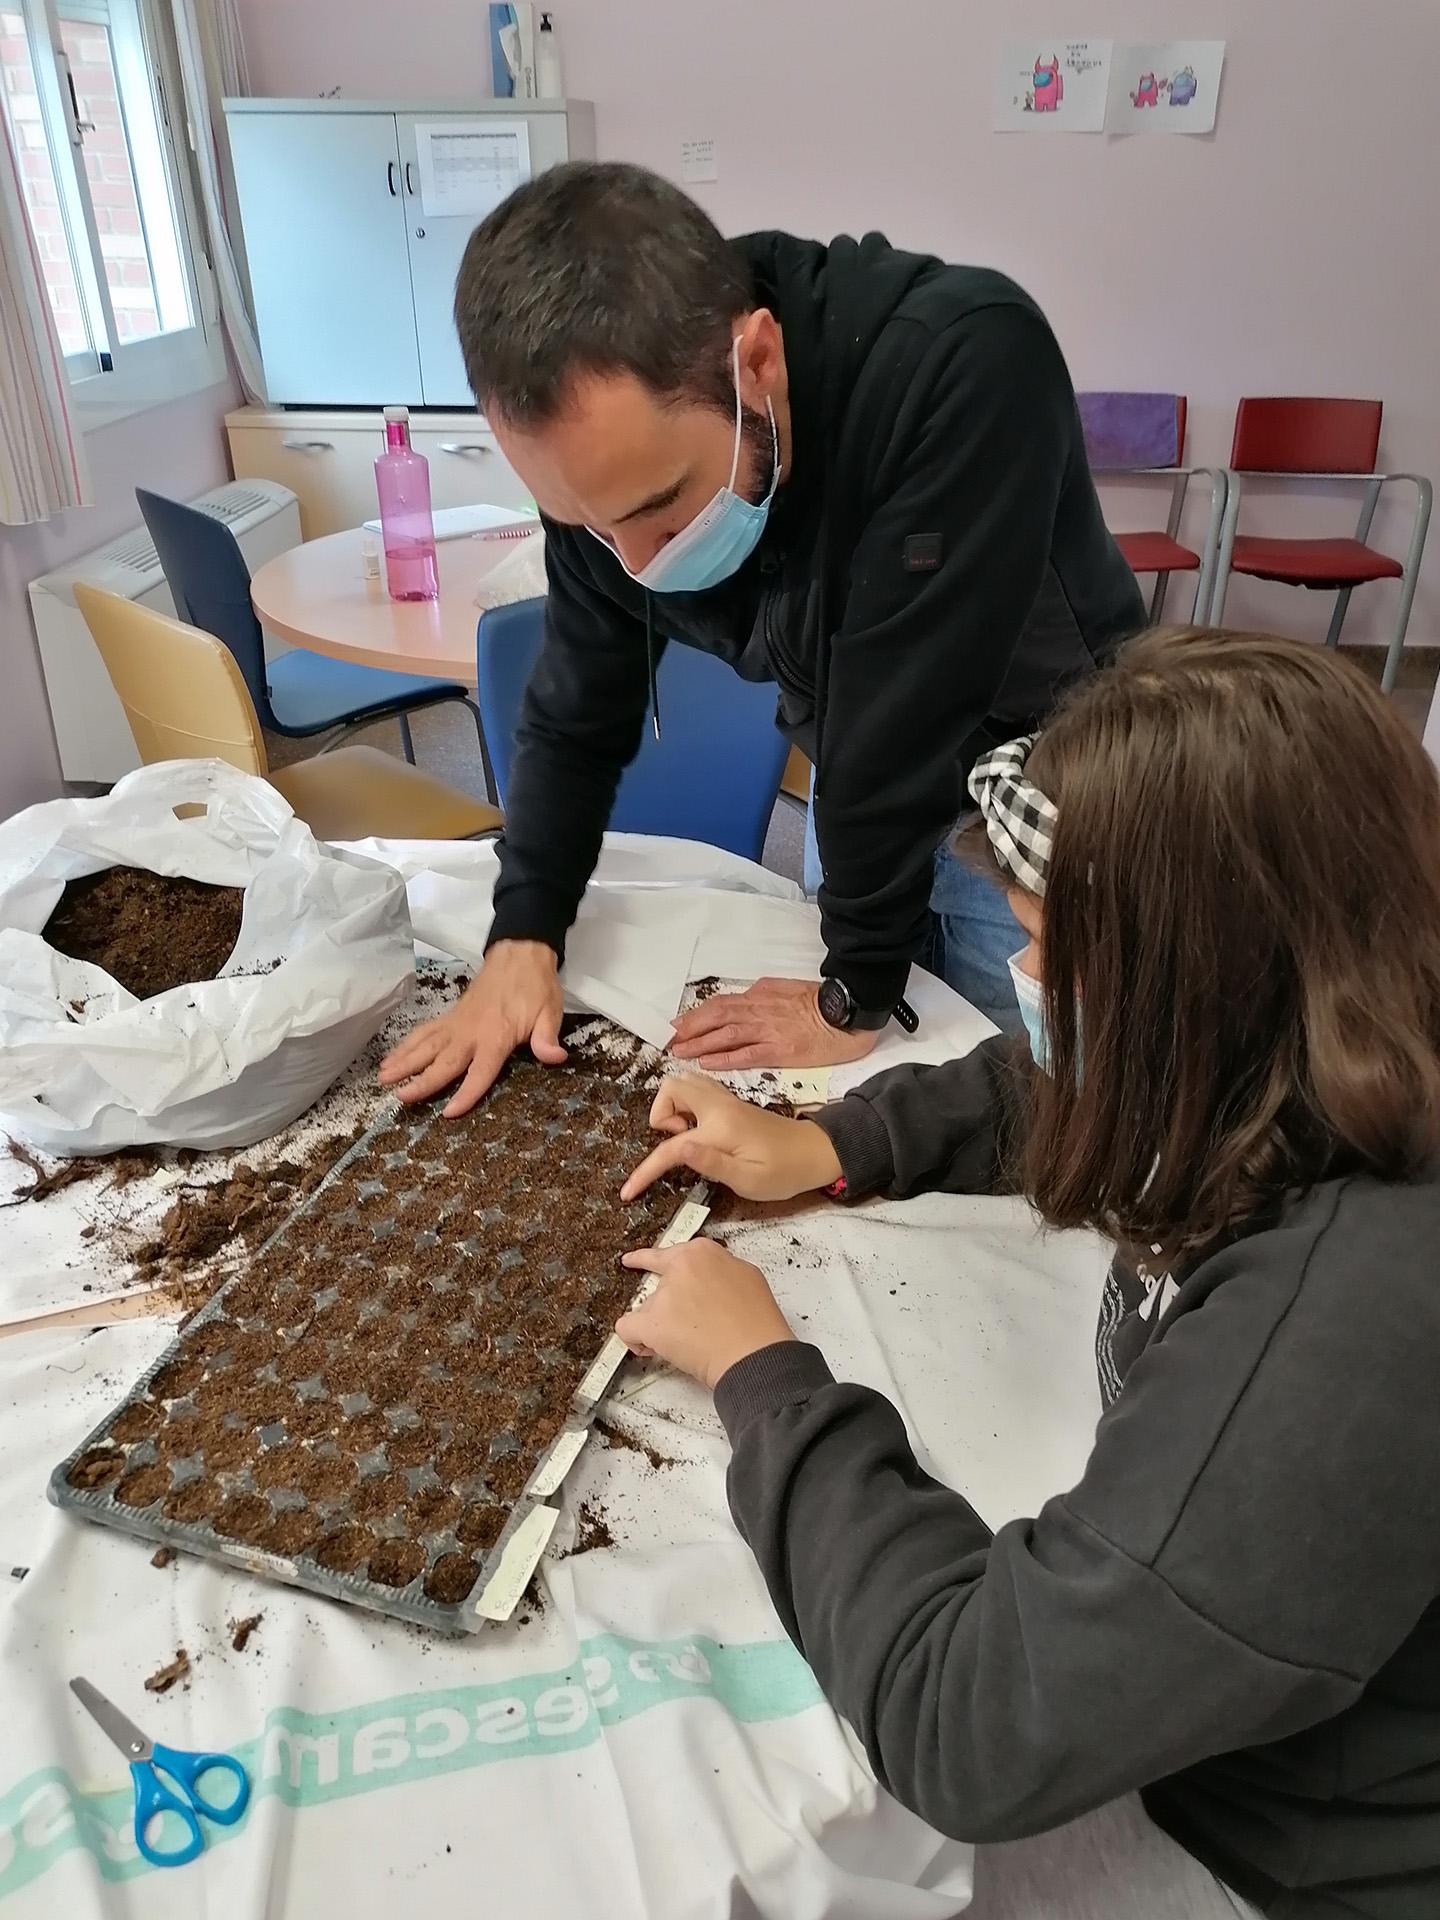 Sembrando Sostenibilidad Ambiental en el Hospital de Día Juvenil de Nuestra Señora del Perpetuo Socorro de Albacete